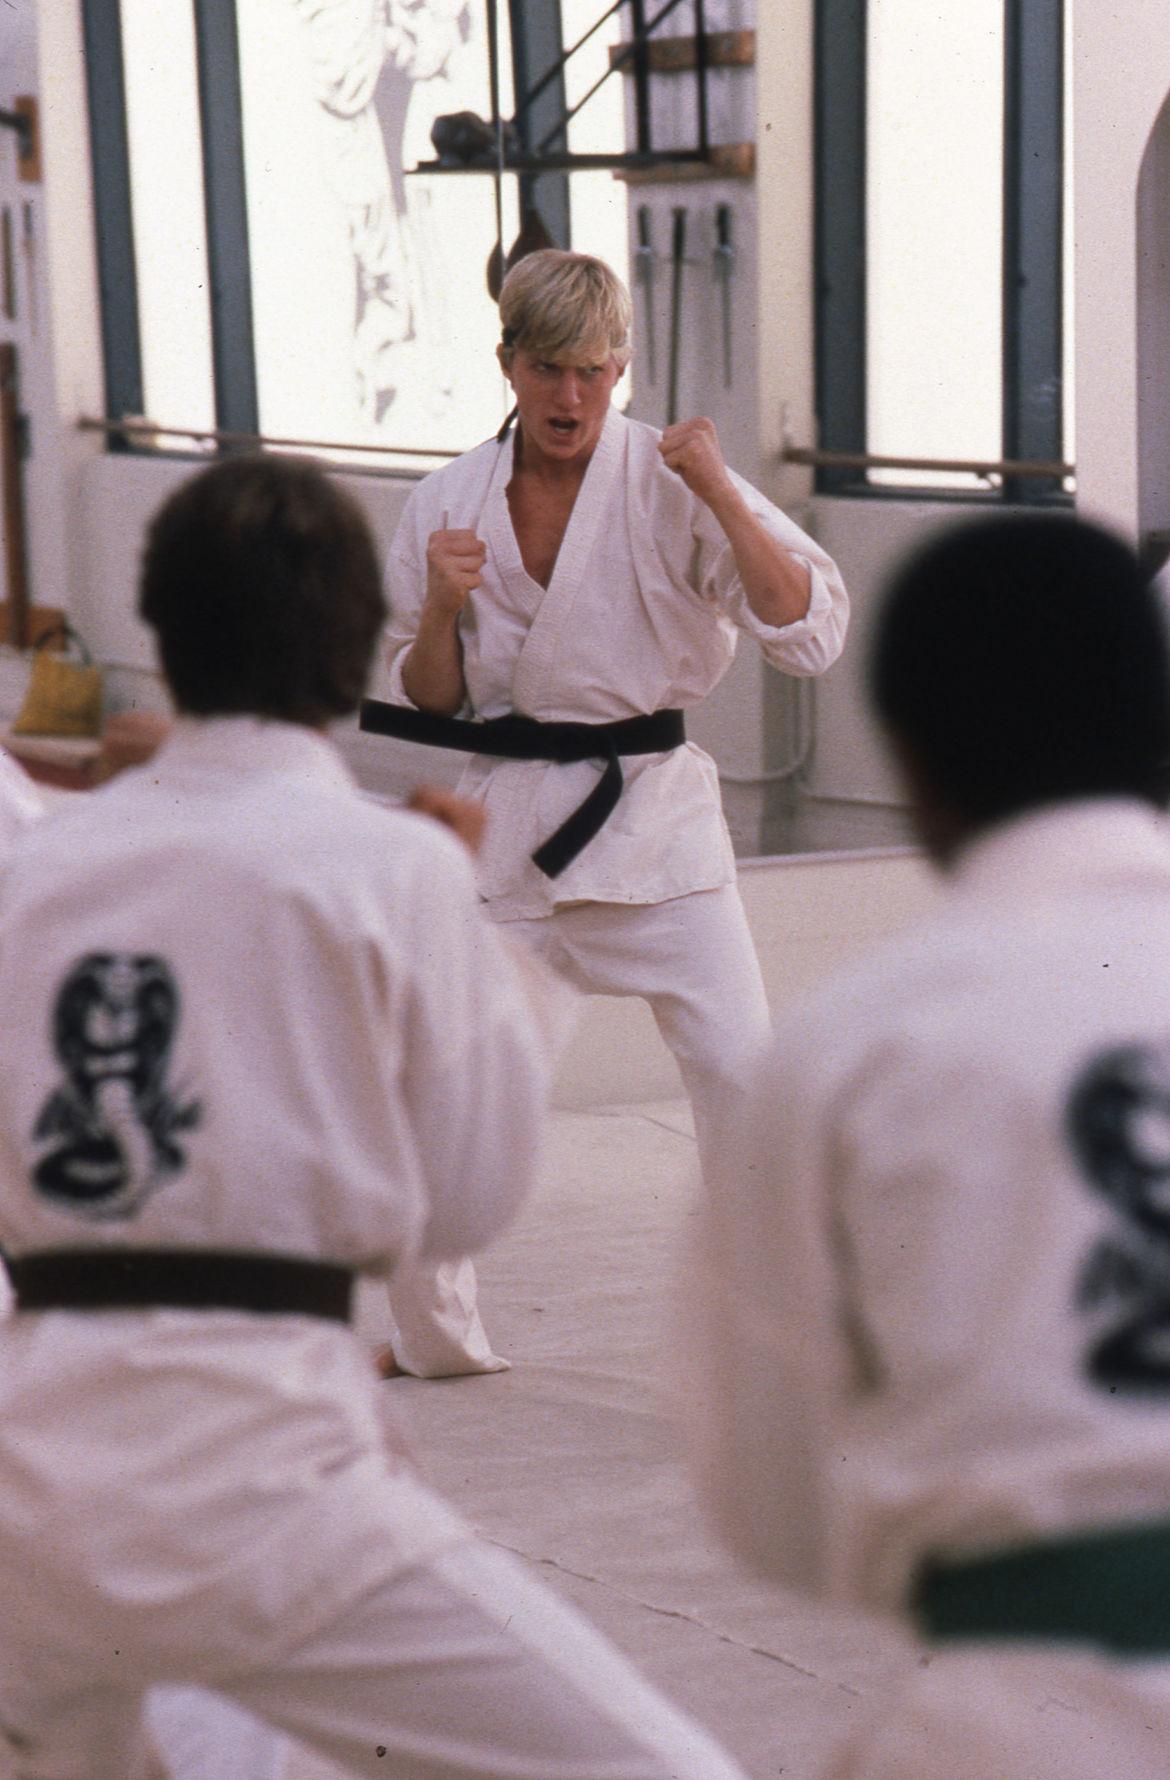 William Zabka in The Karate Kid